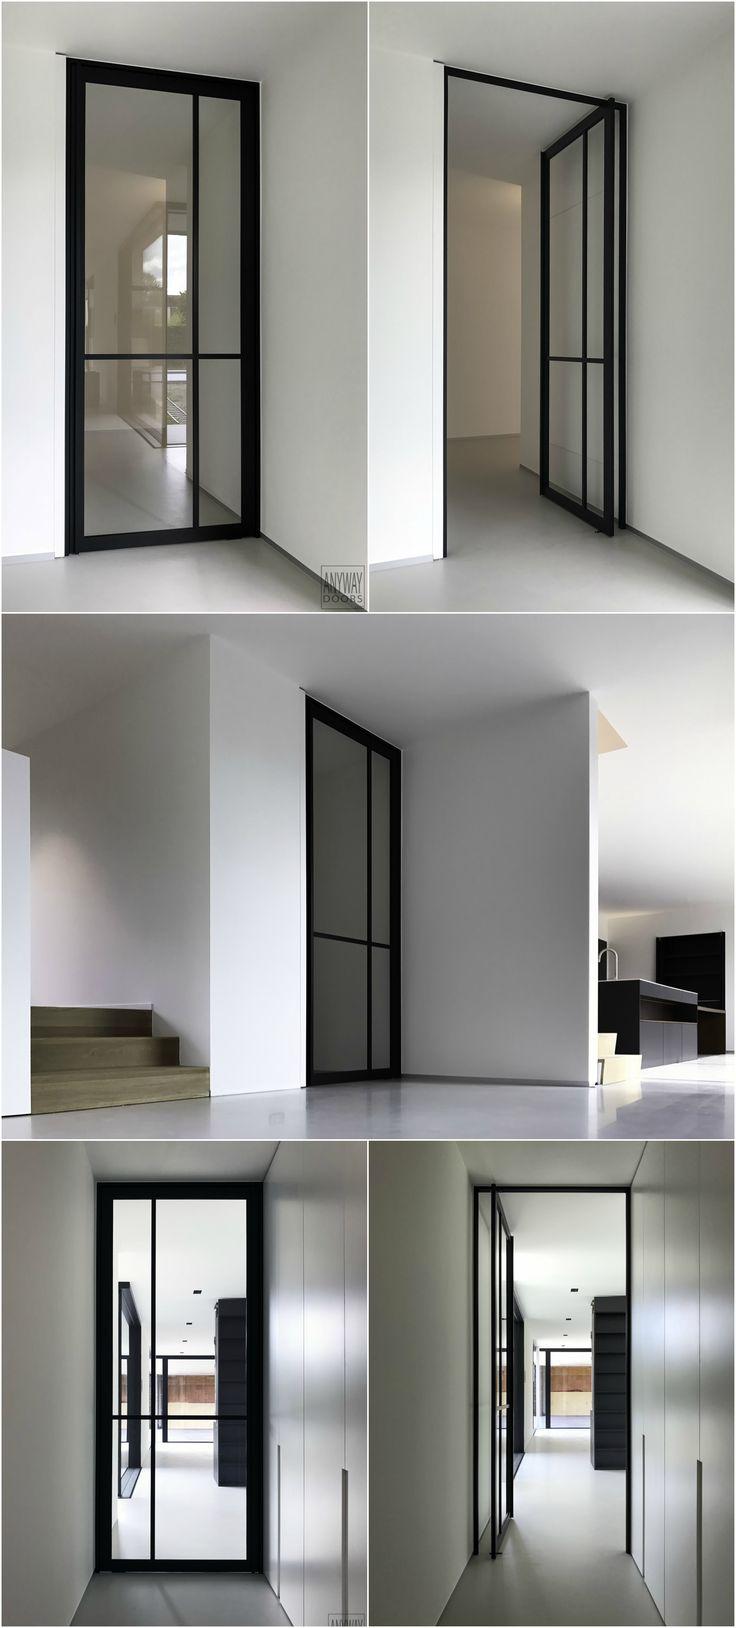 Pivoterende stalen deur van ANYWAYdoors. Deze deur wordt volledig op maat gemaakt van zwart geanodiseerd aluminium in combinatie met een pivotscharnier waarvoor niets in de vloer ingebouwd dient te worden.